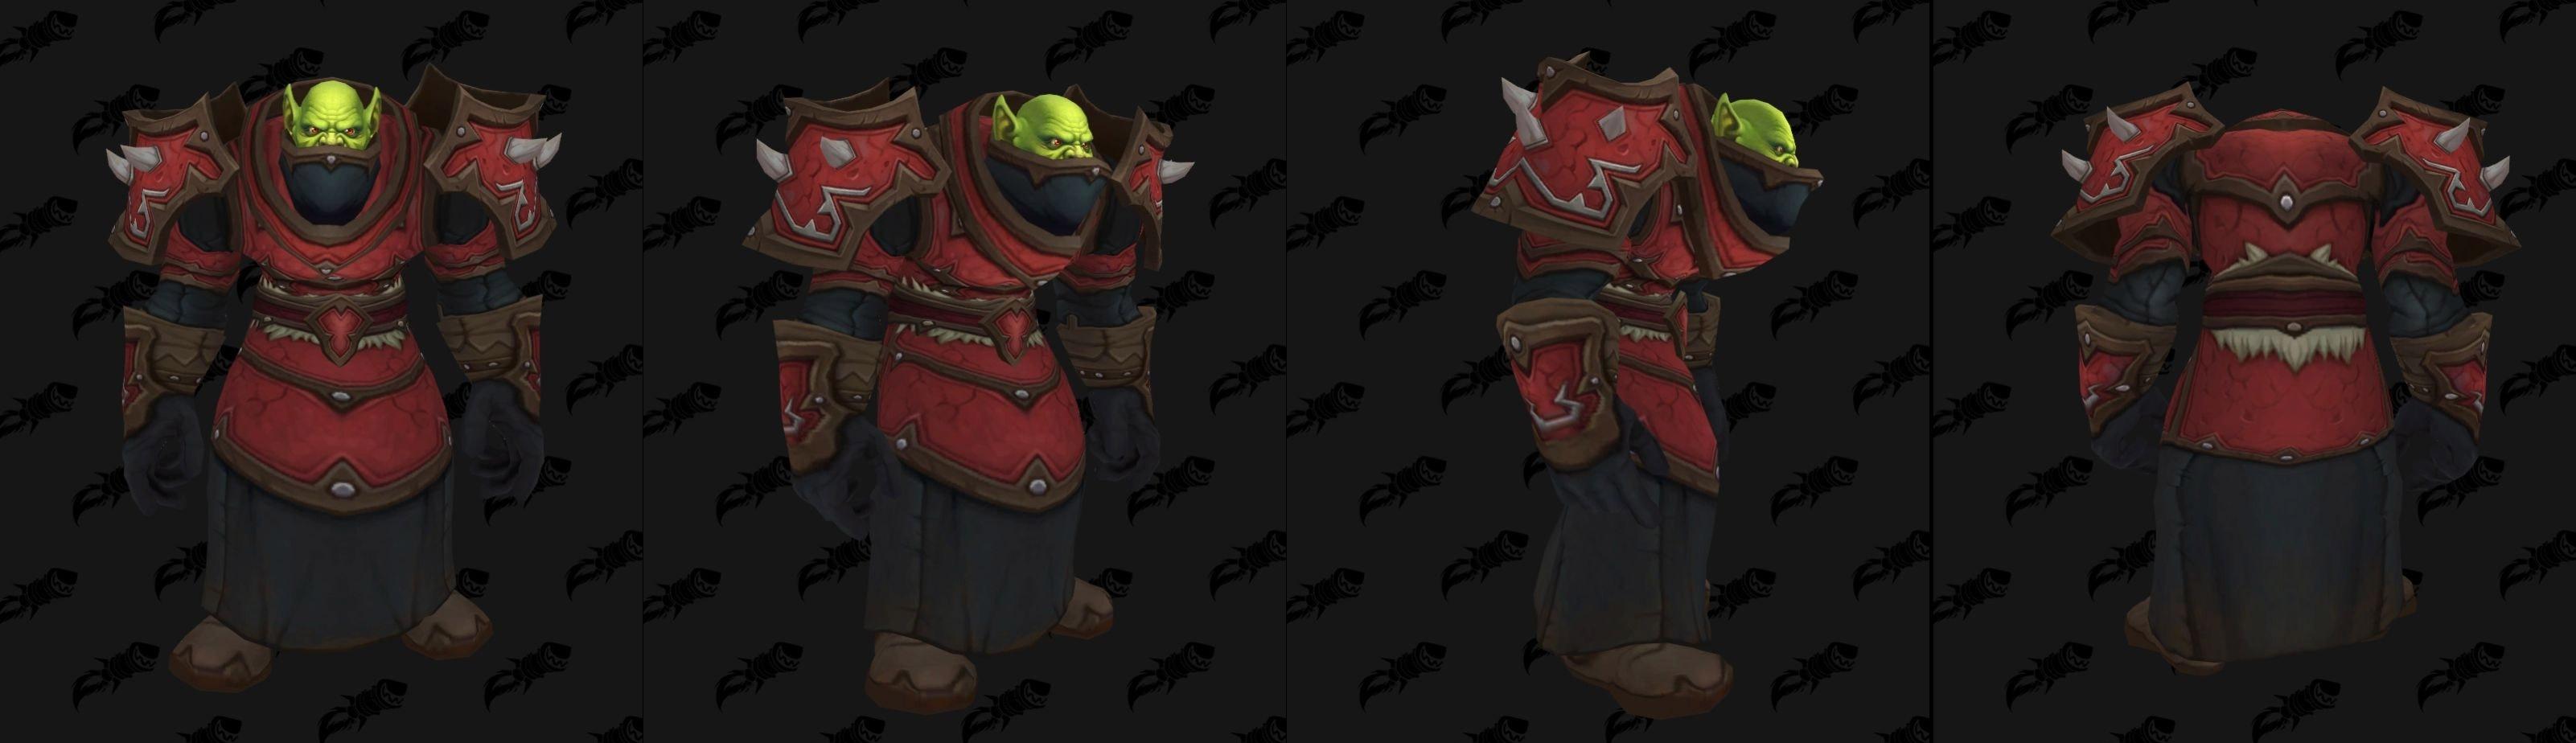 Armures cuir (Horde) - Fronts de guerre Tier 1 - Coloris 1